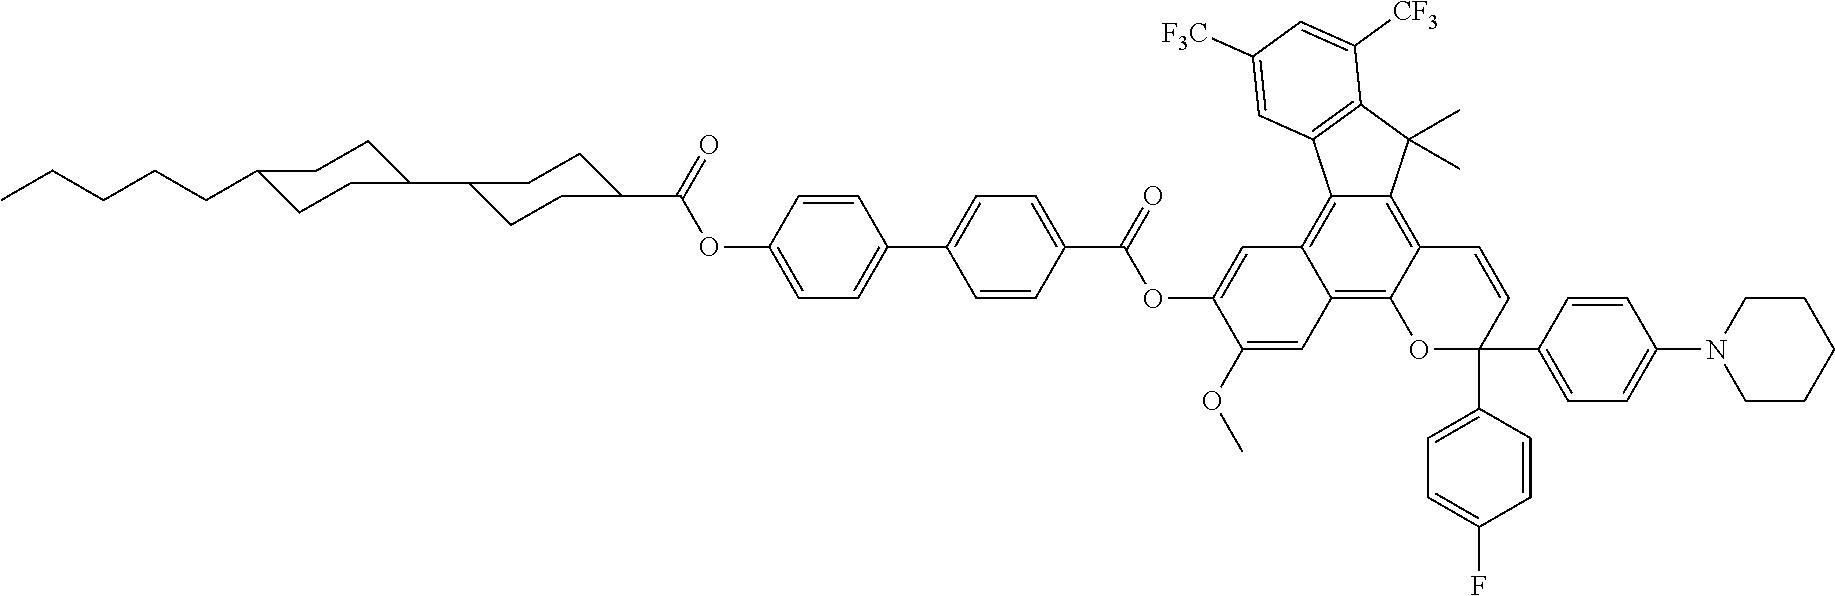 Figure US08518546-20130827-C00060